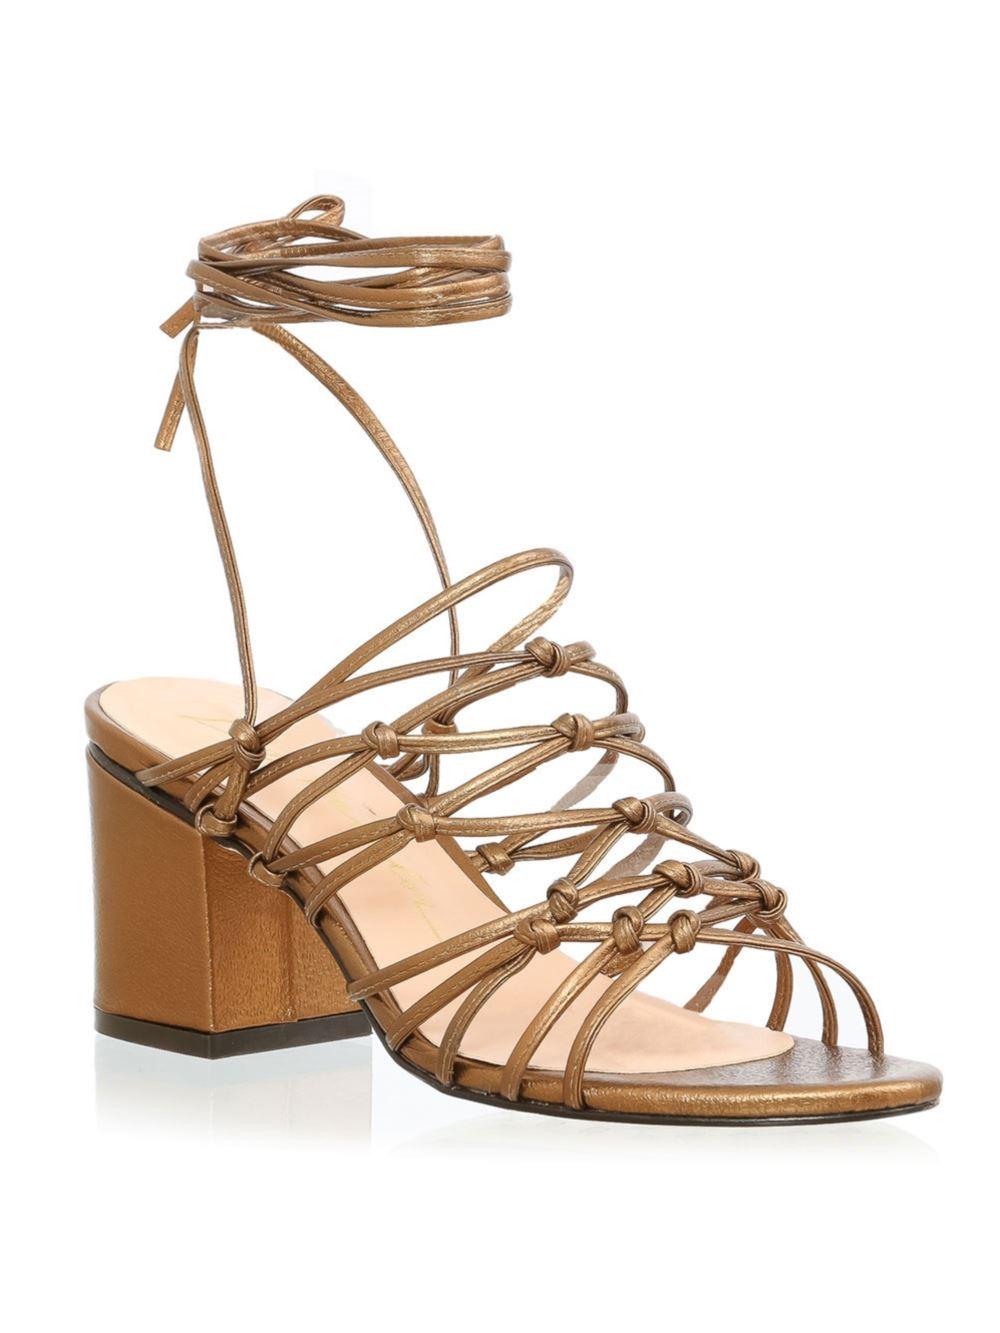 Sandália Salto largo Dourada - aqui